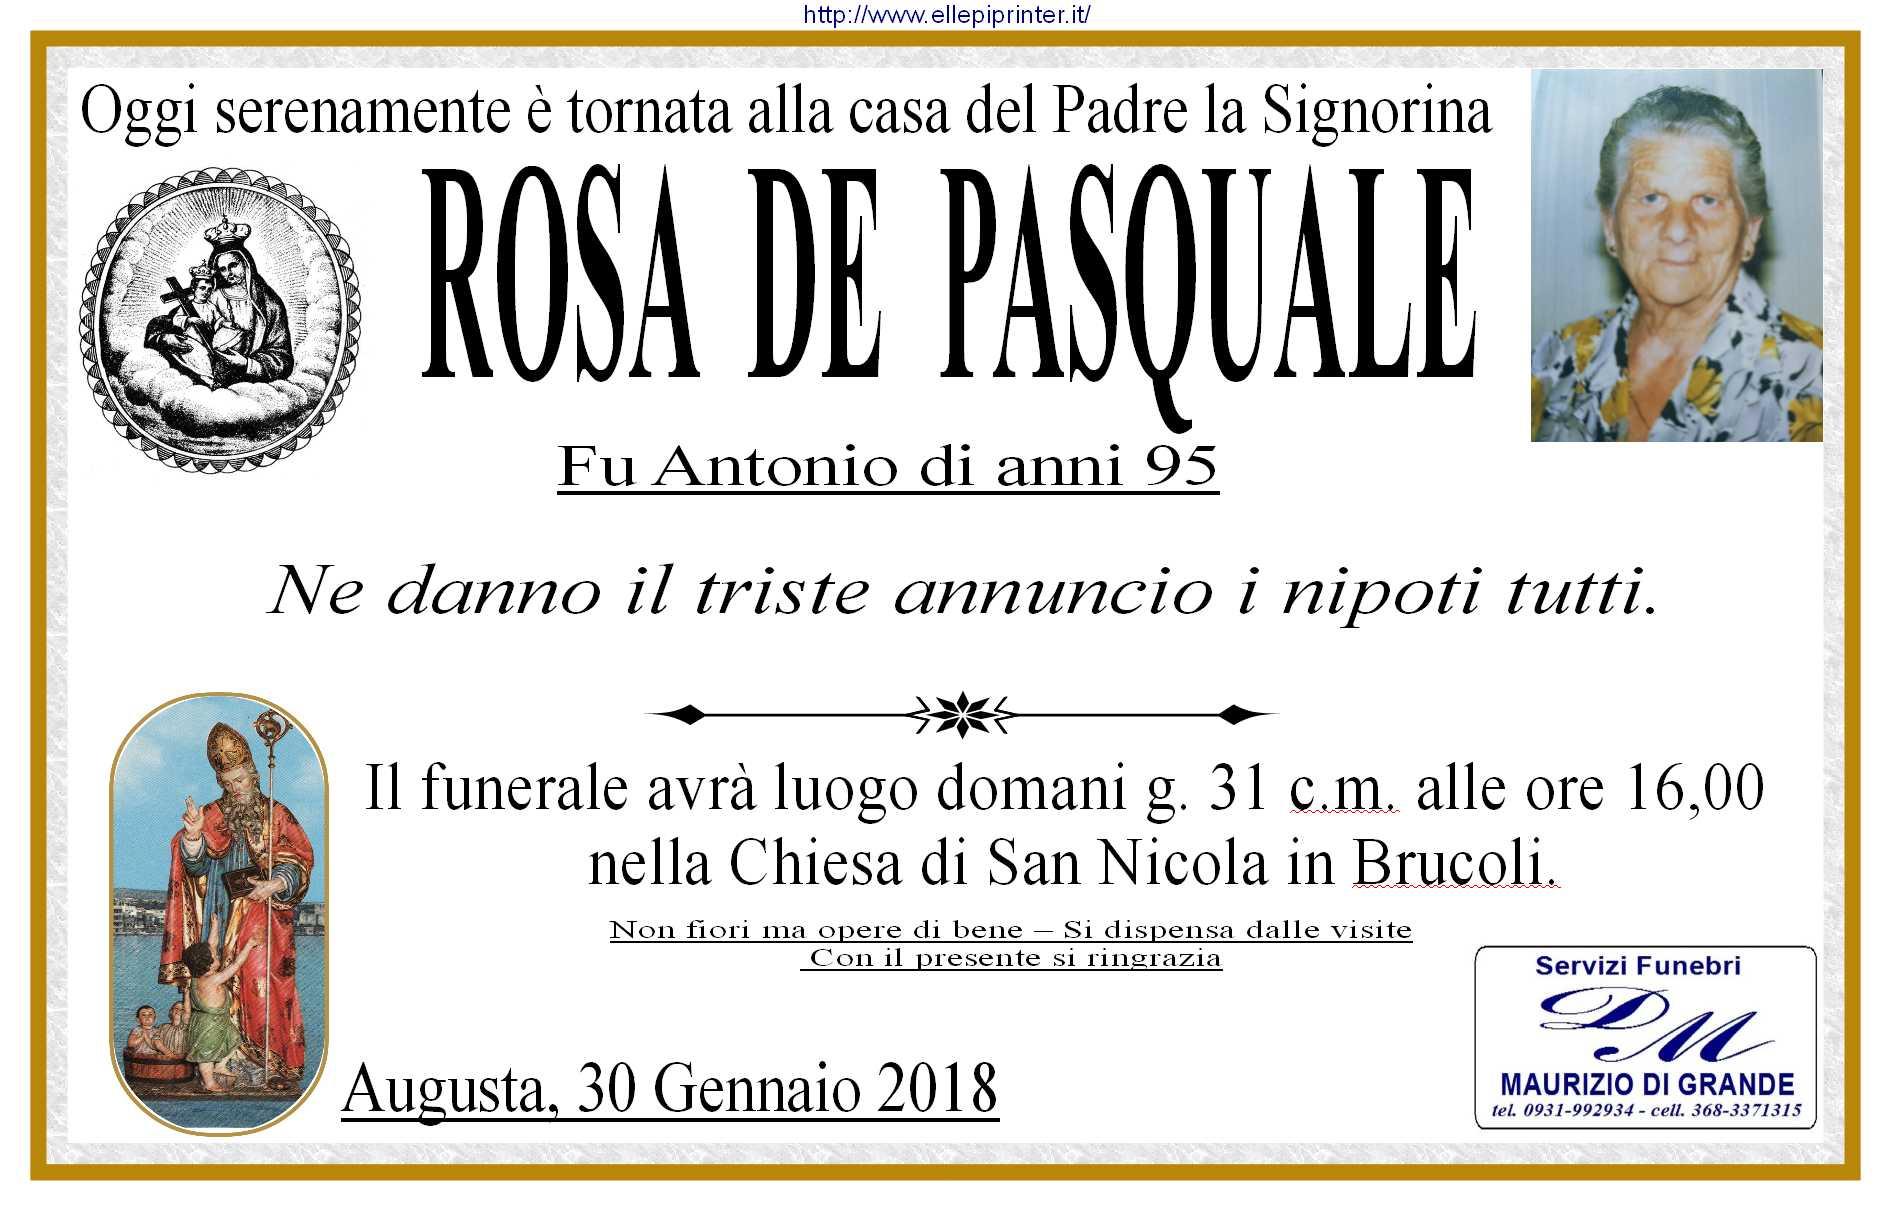 De Pasquale Rosa man